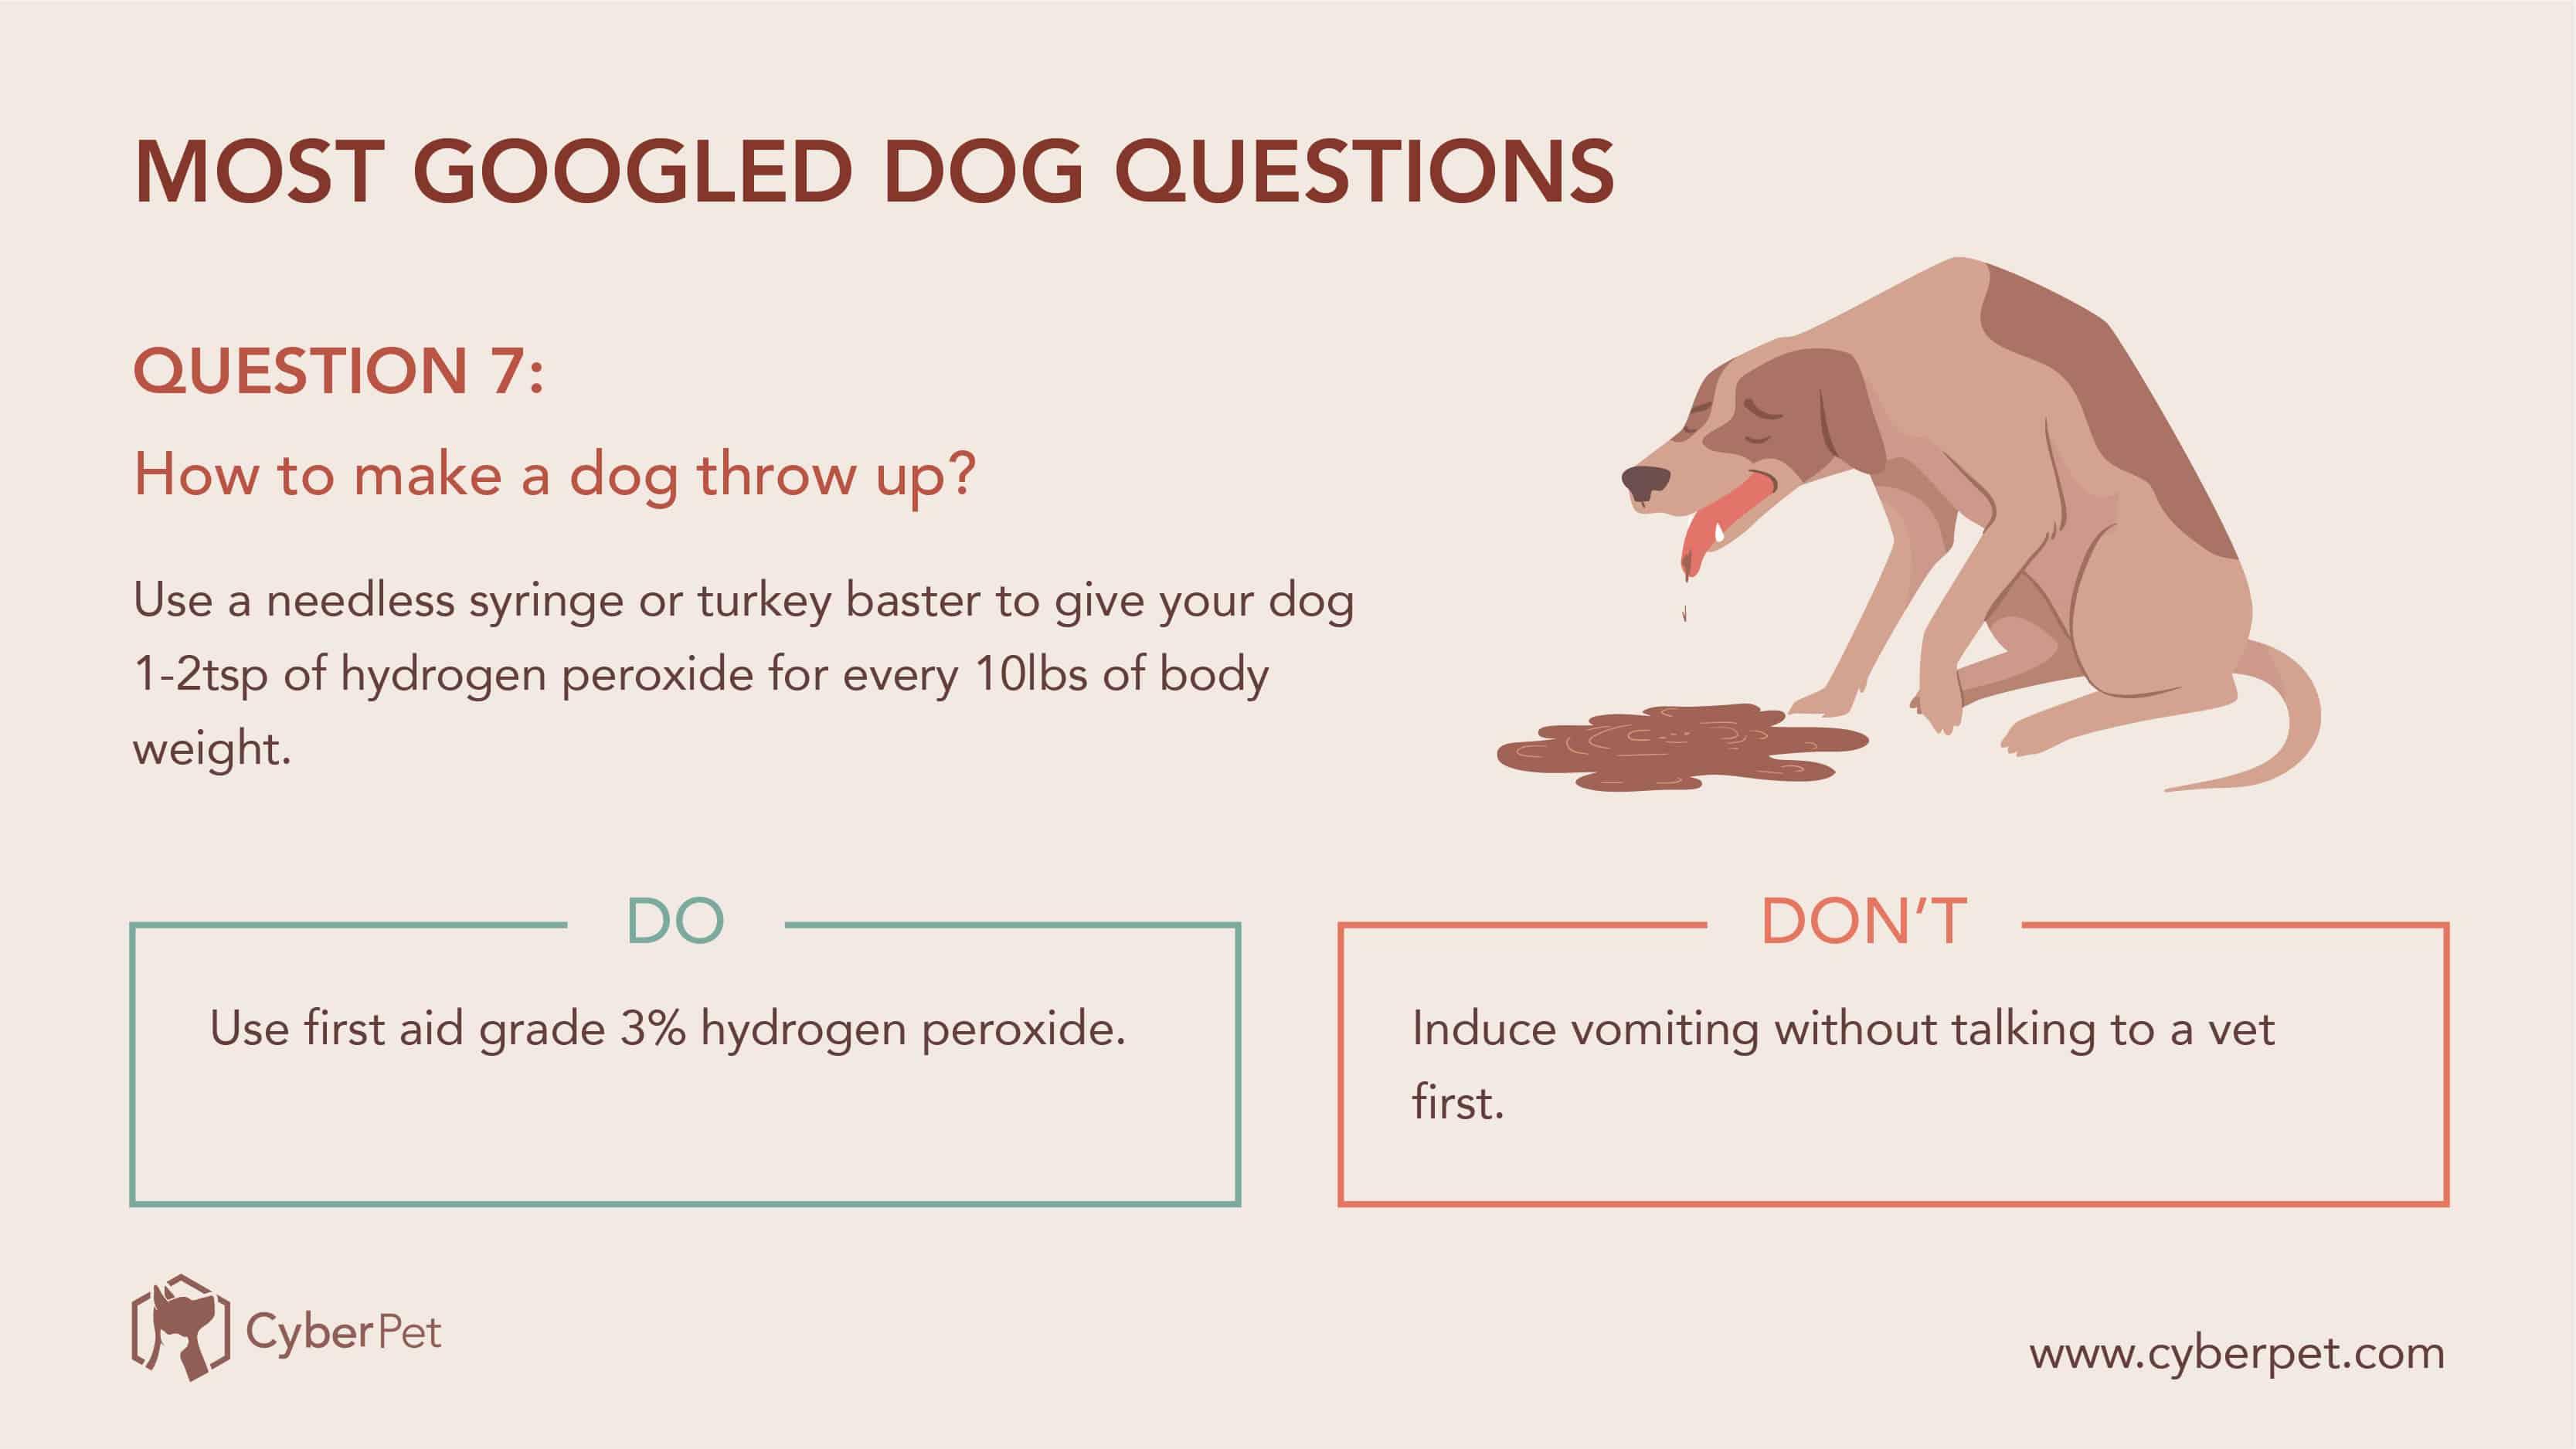 10 Most-Googled Dog Questions - Q7